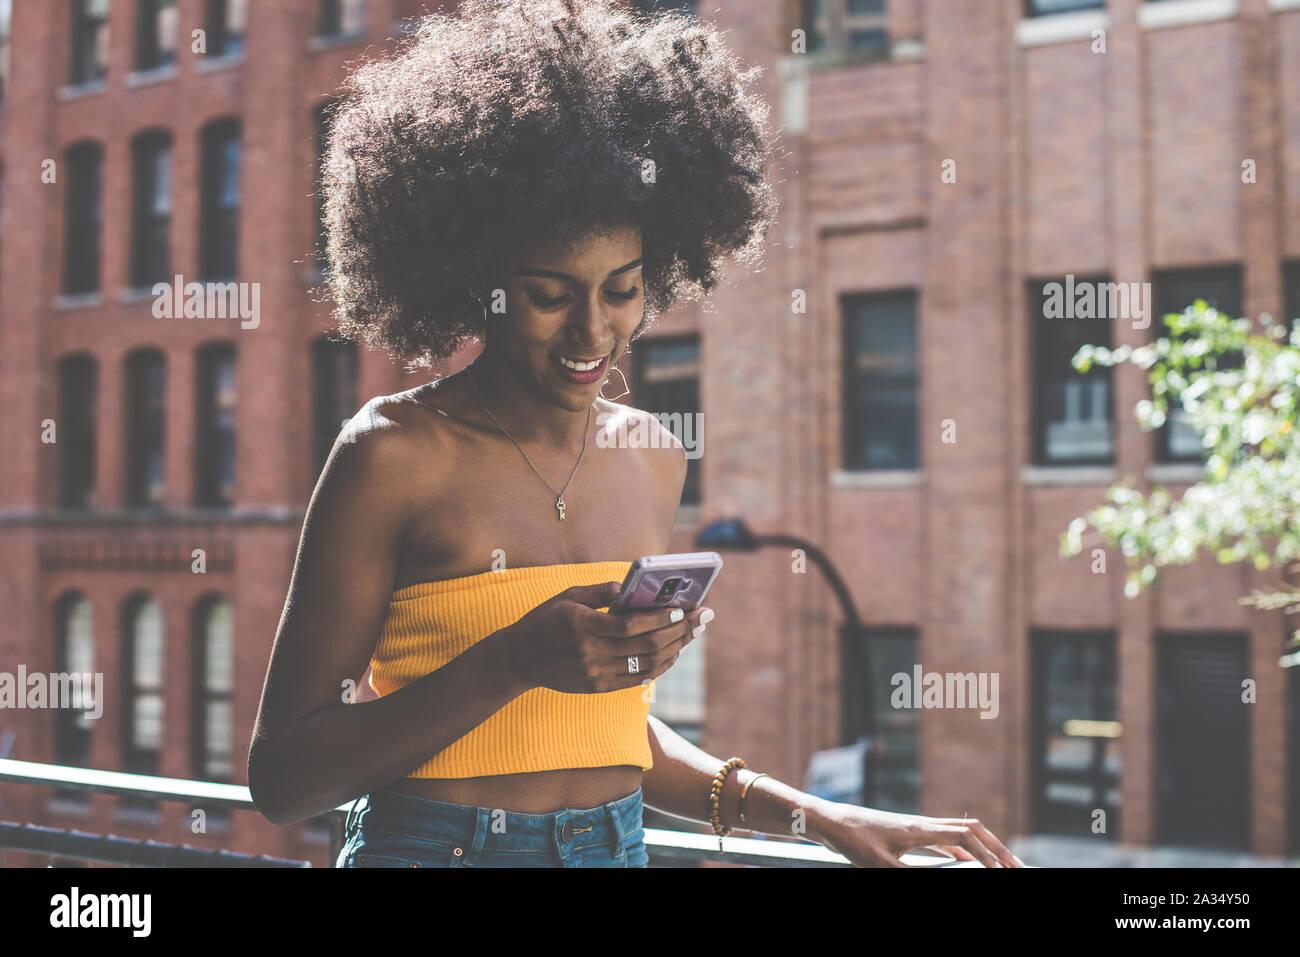 Belle jeune fille américaine à New York Banque D'Images